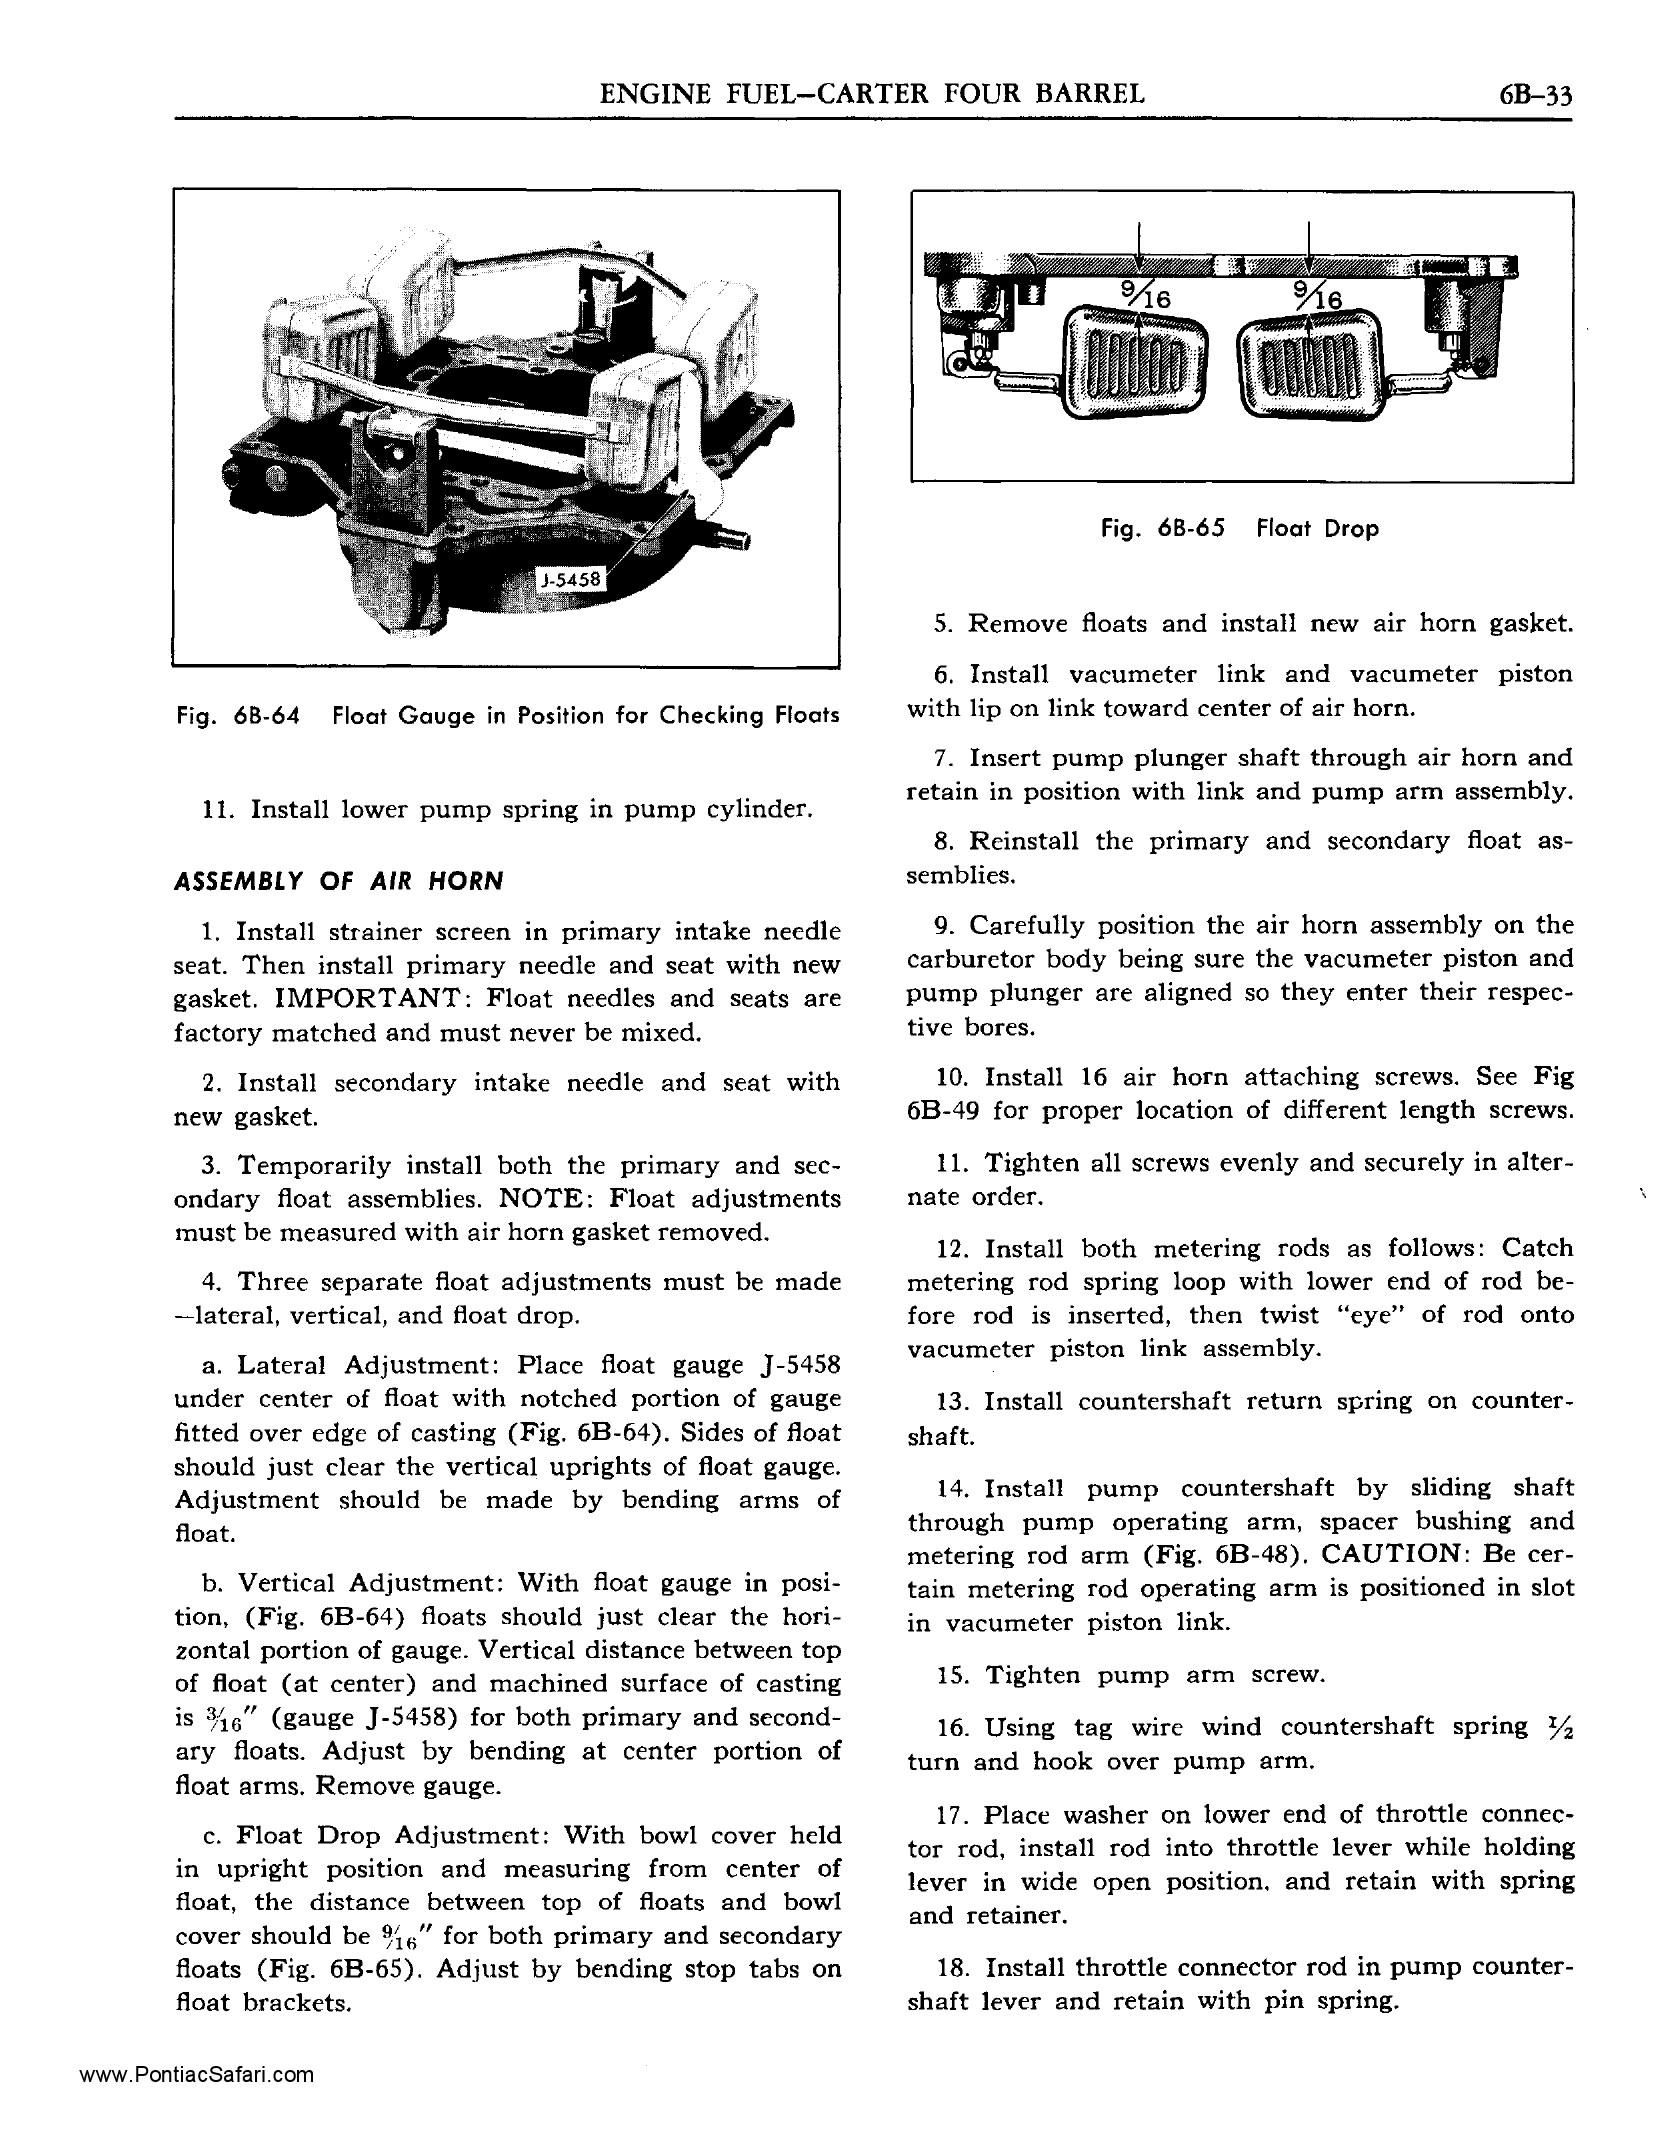 1955 Pontiac Shop Manual- Carter WCFB Four-Barrel Page 13 of 18